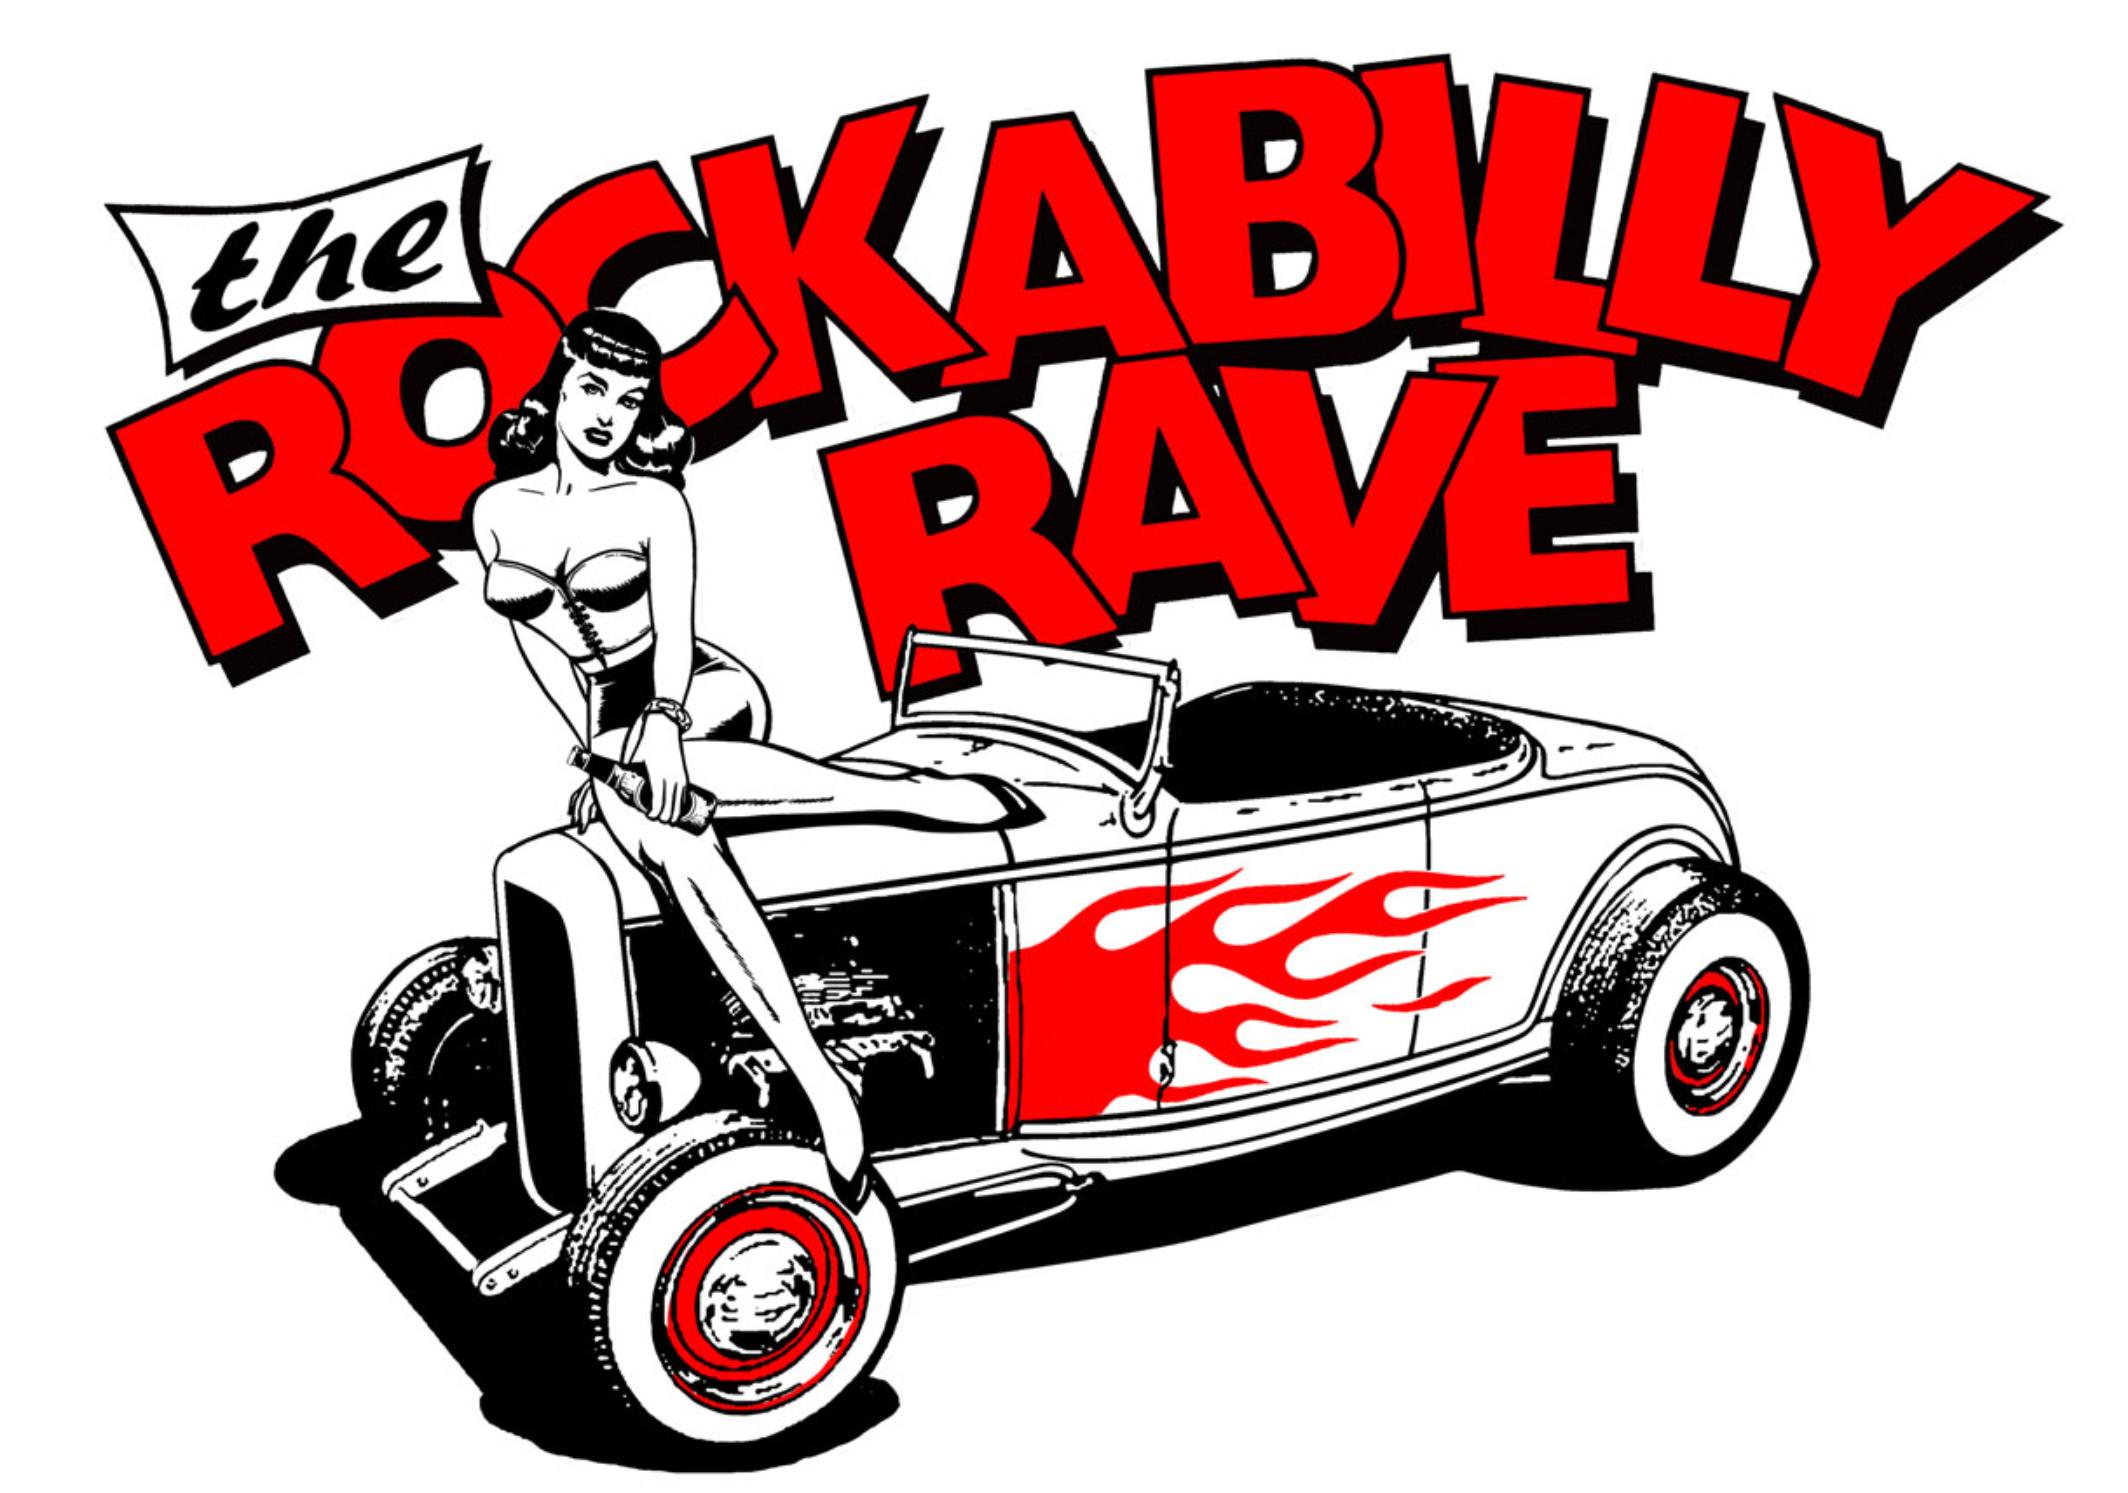 Rockabilly Rave